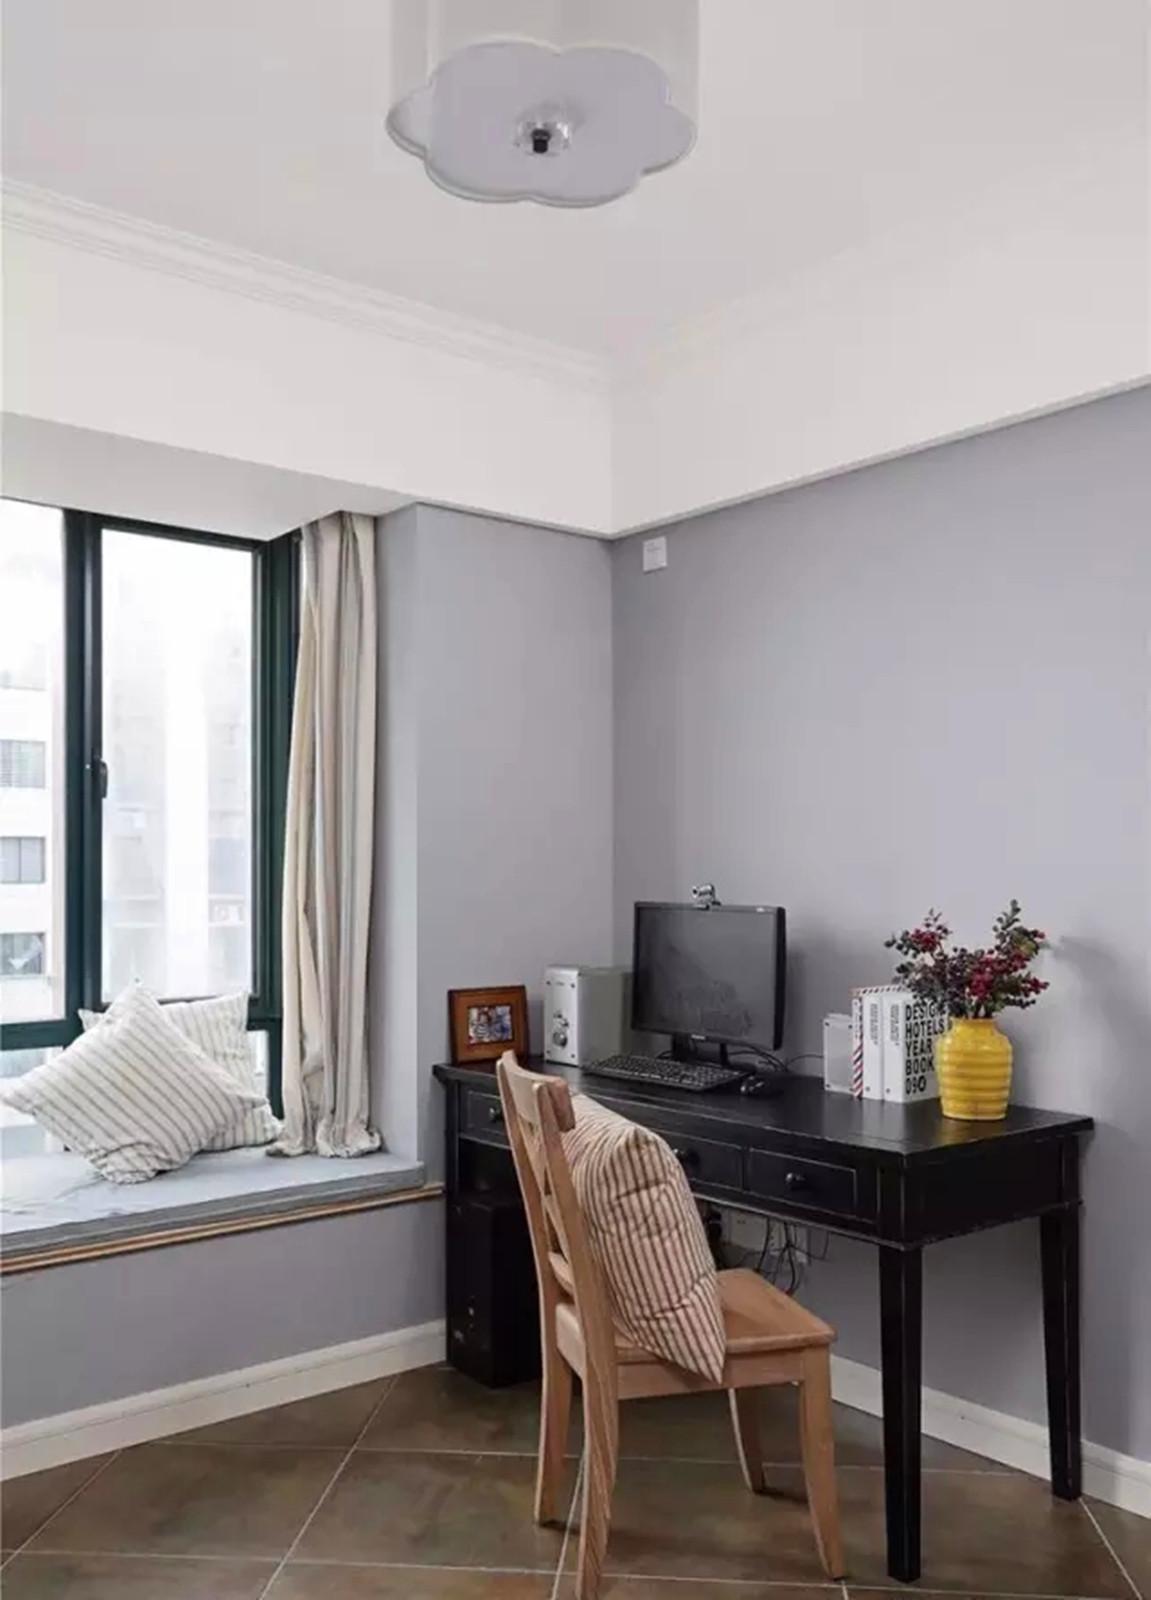 美式 三居 轻盈 舒适 书房图片来自高度国际装饰宋增会在碧桂园118平米美式设计的分享